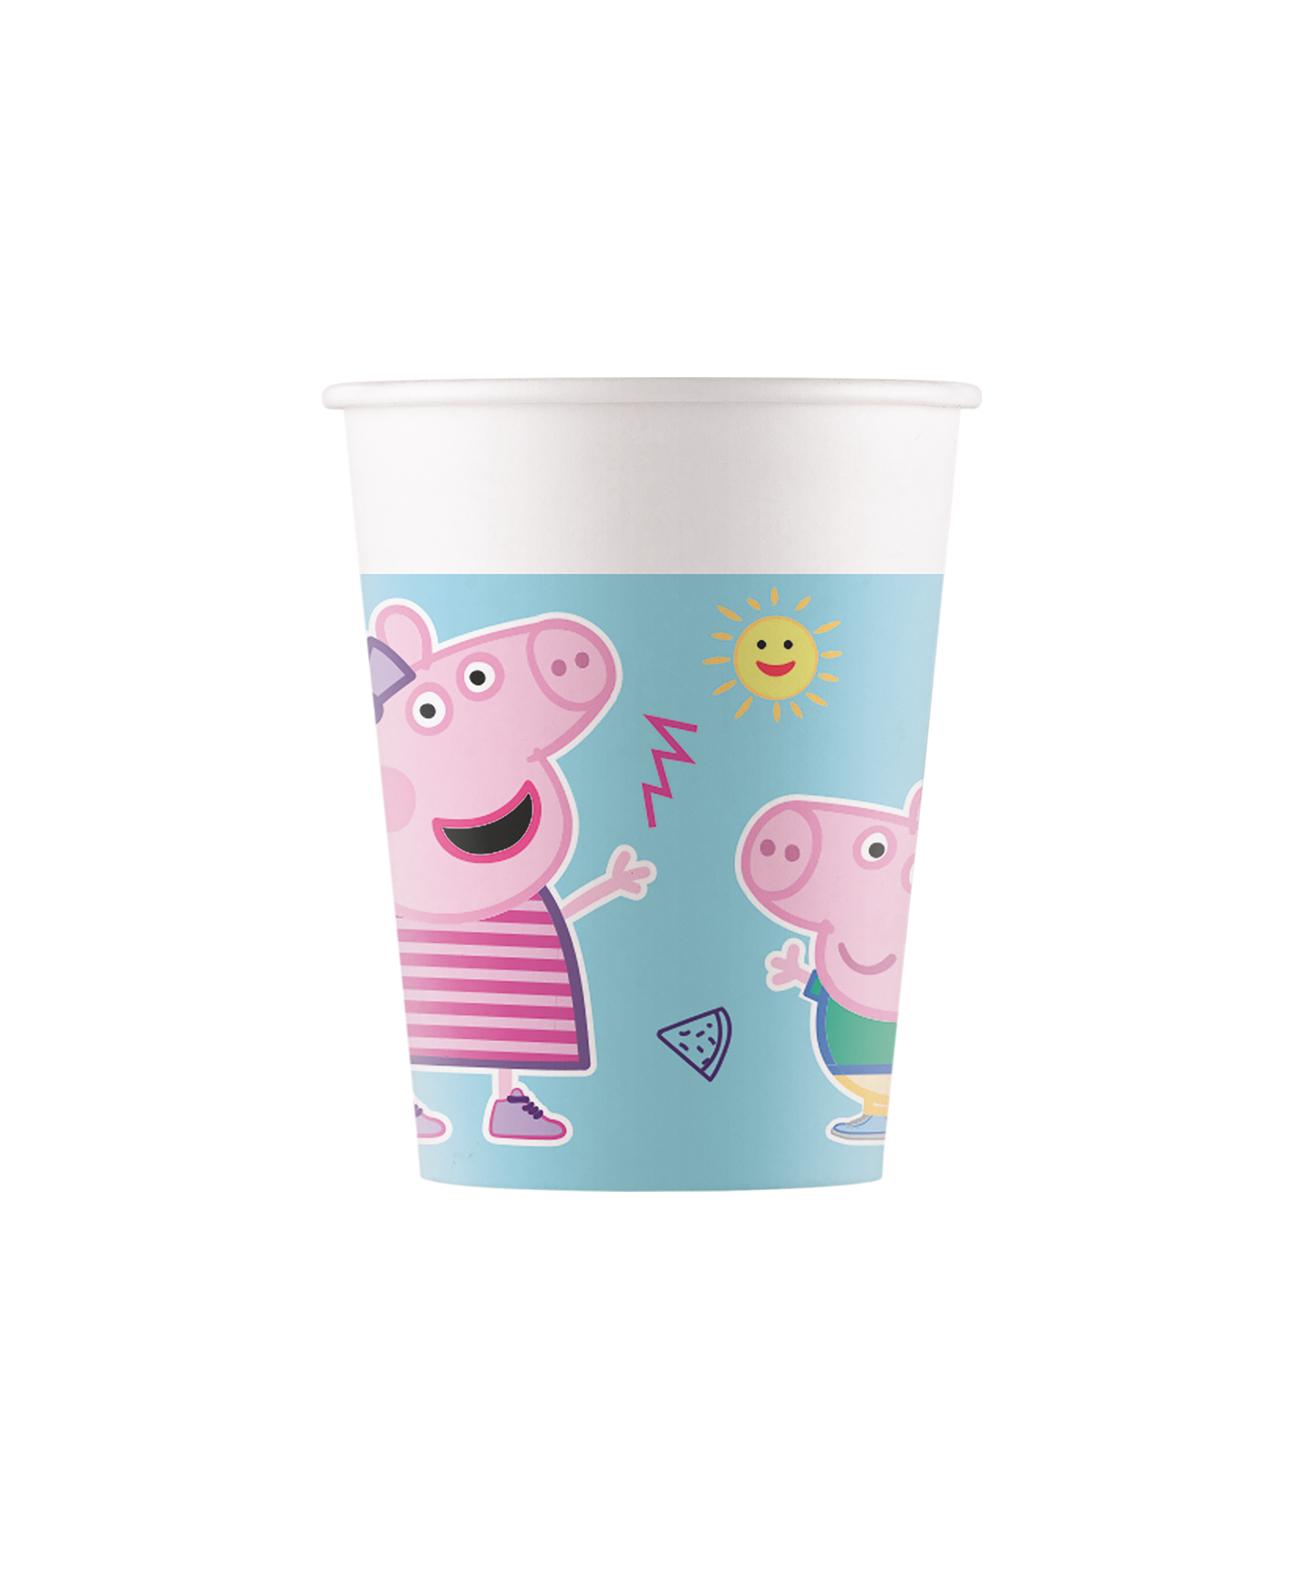 Kelímky 200 ml Peppa Pig 8 ks ECO - rozložitelné